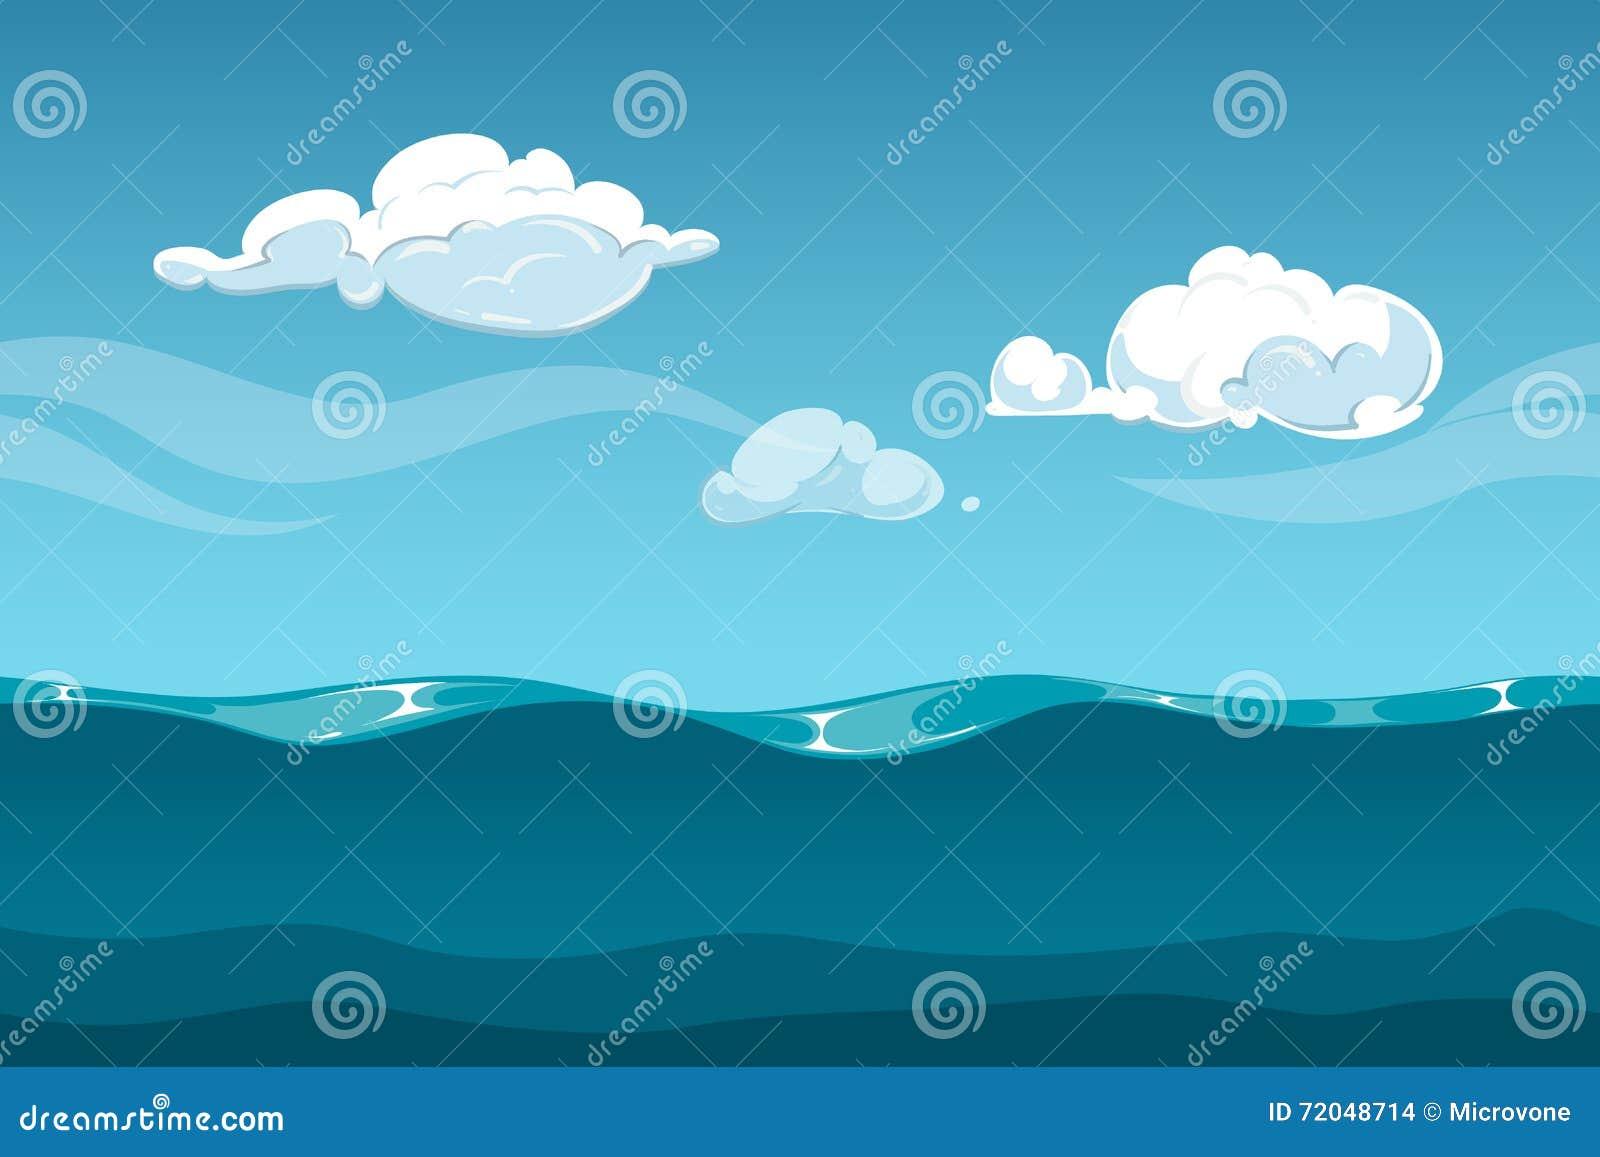 成人电影天空_海或海洋与天空和云彩的动画片风景 计算机游戏设计的